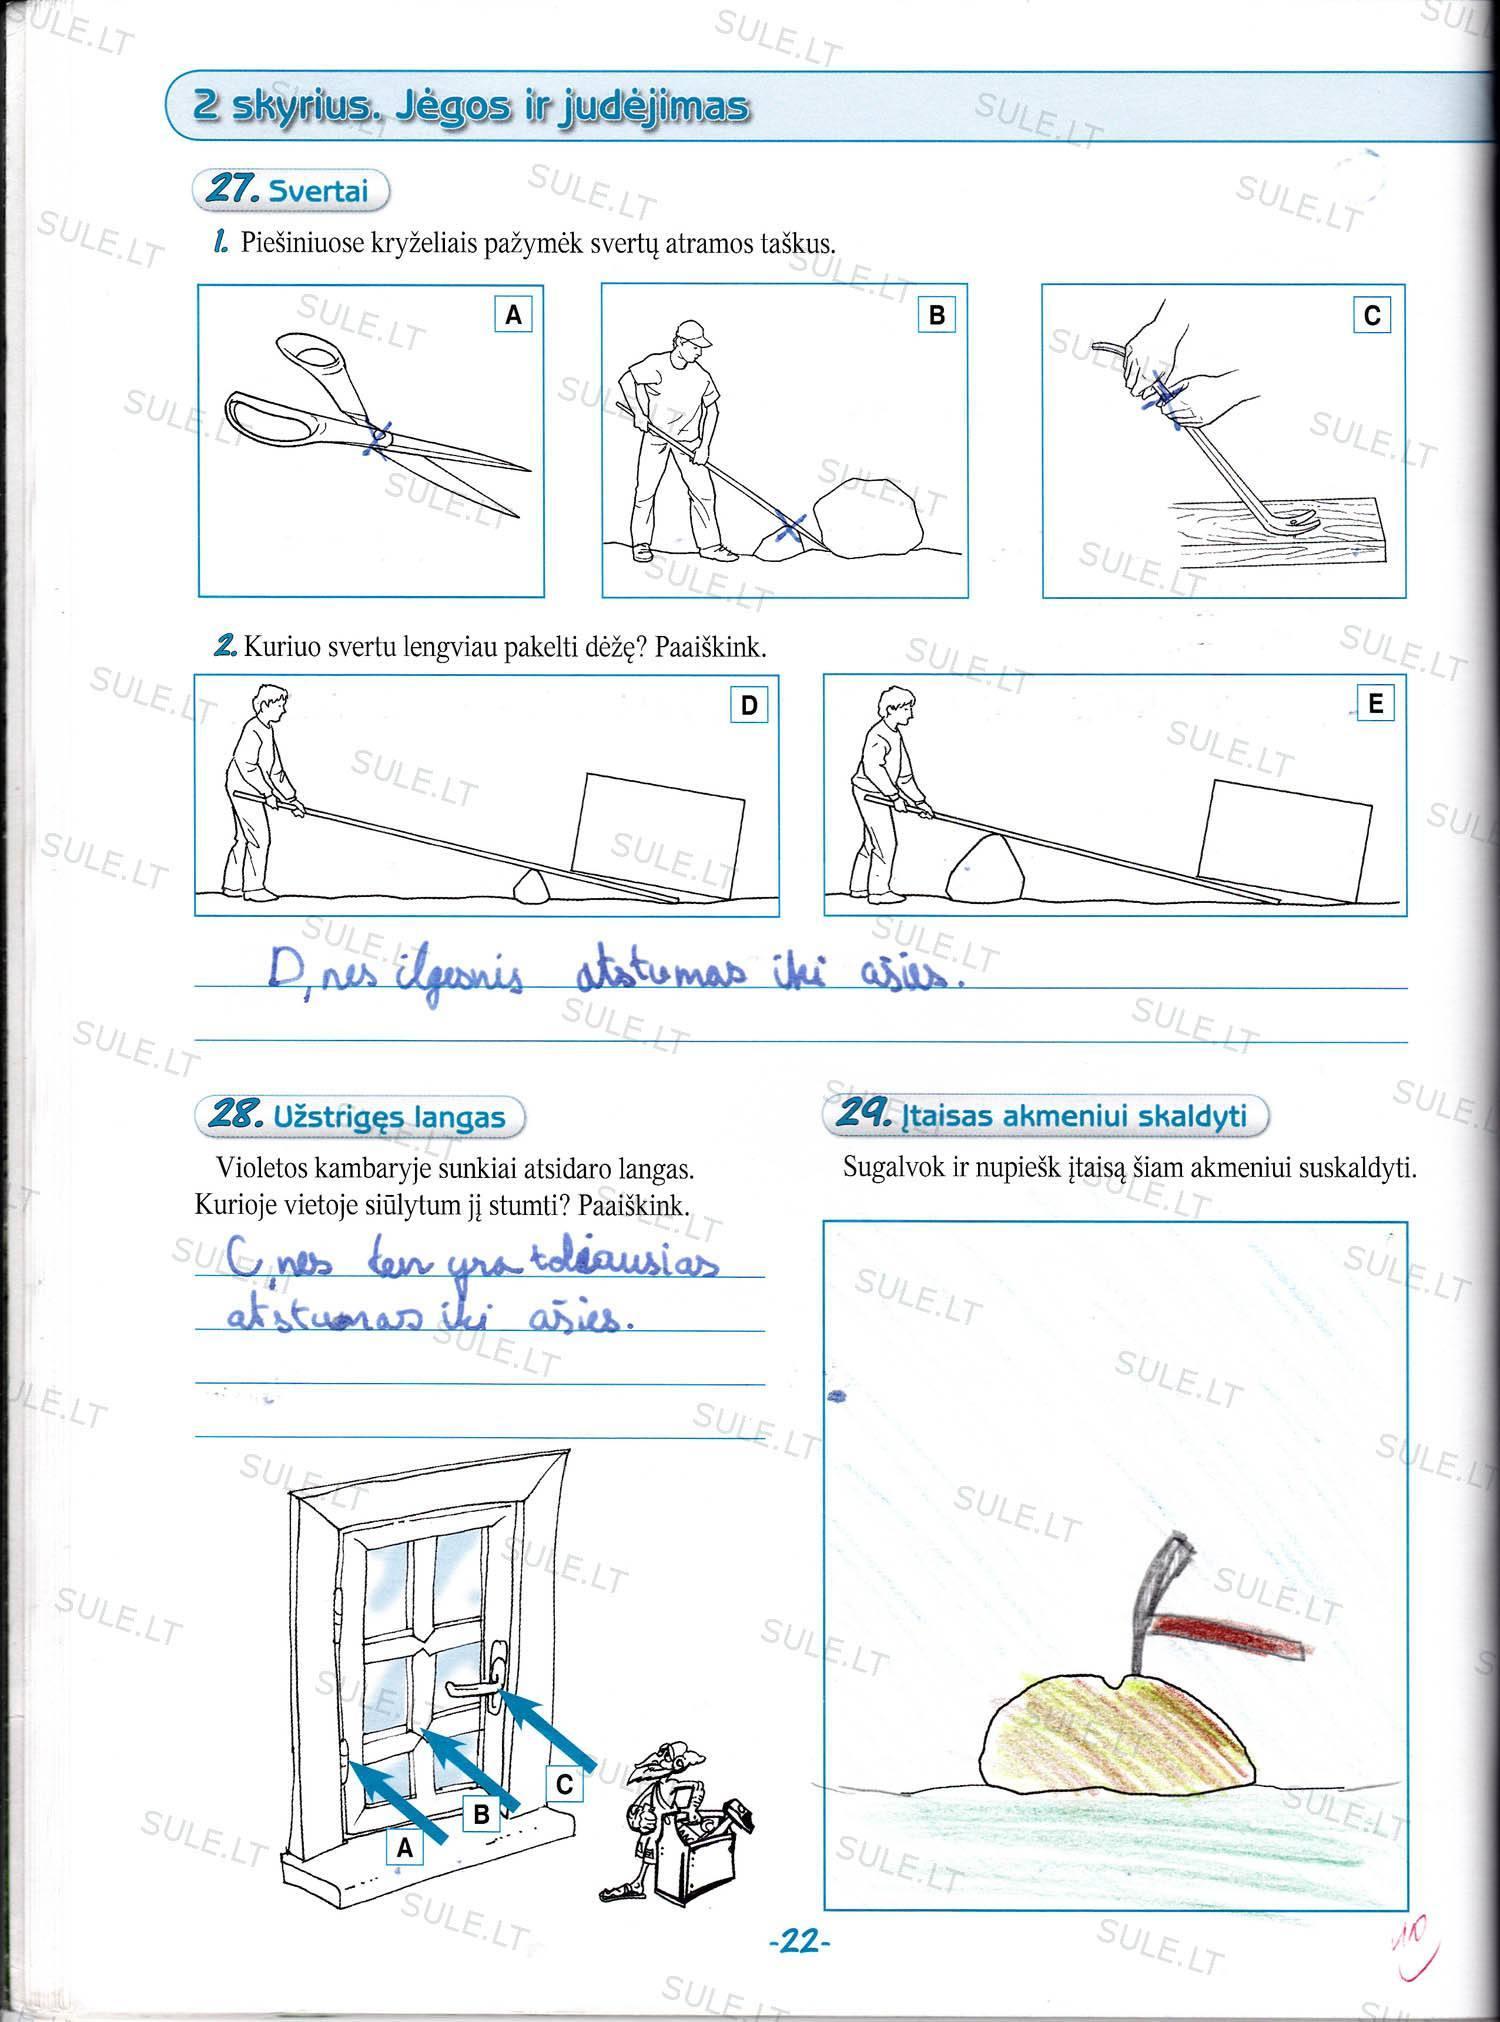 Biologija-6-klasei-2-dalis-22-puslapis1